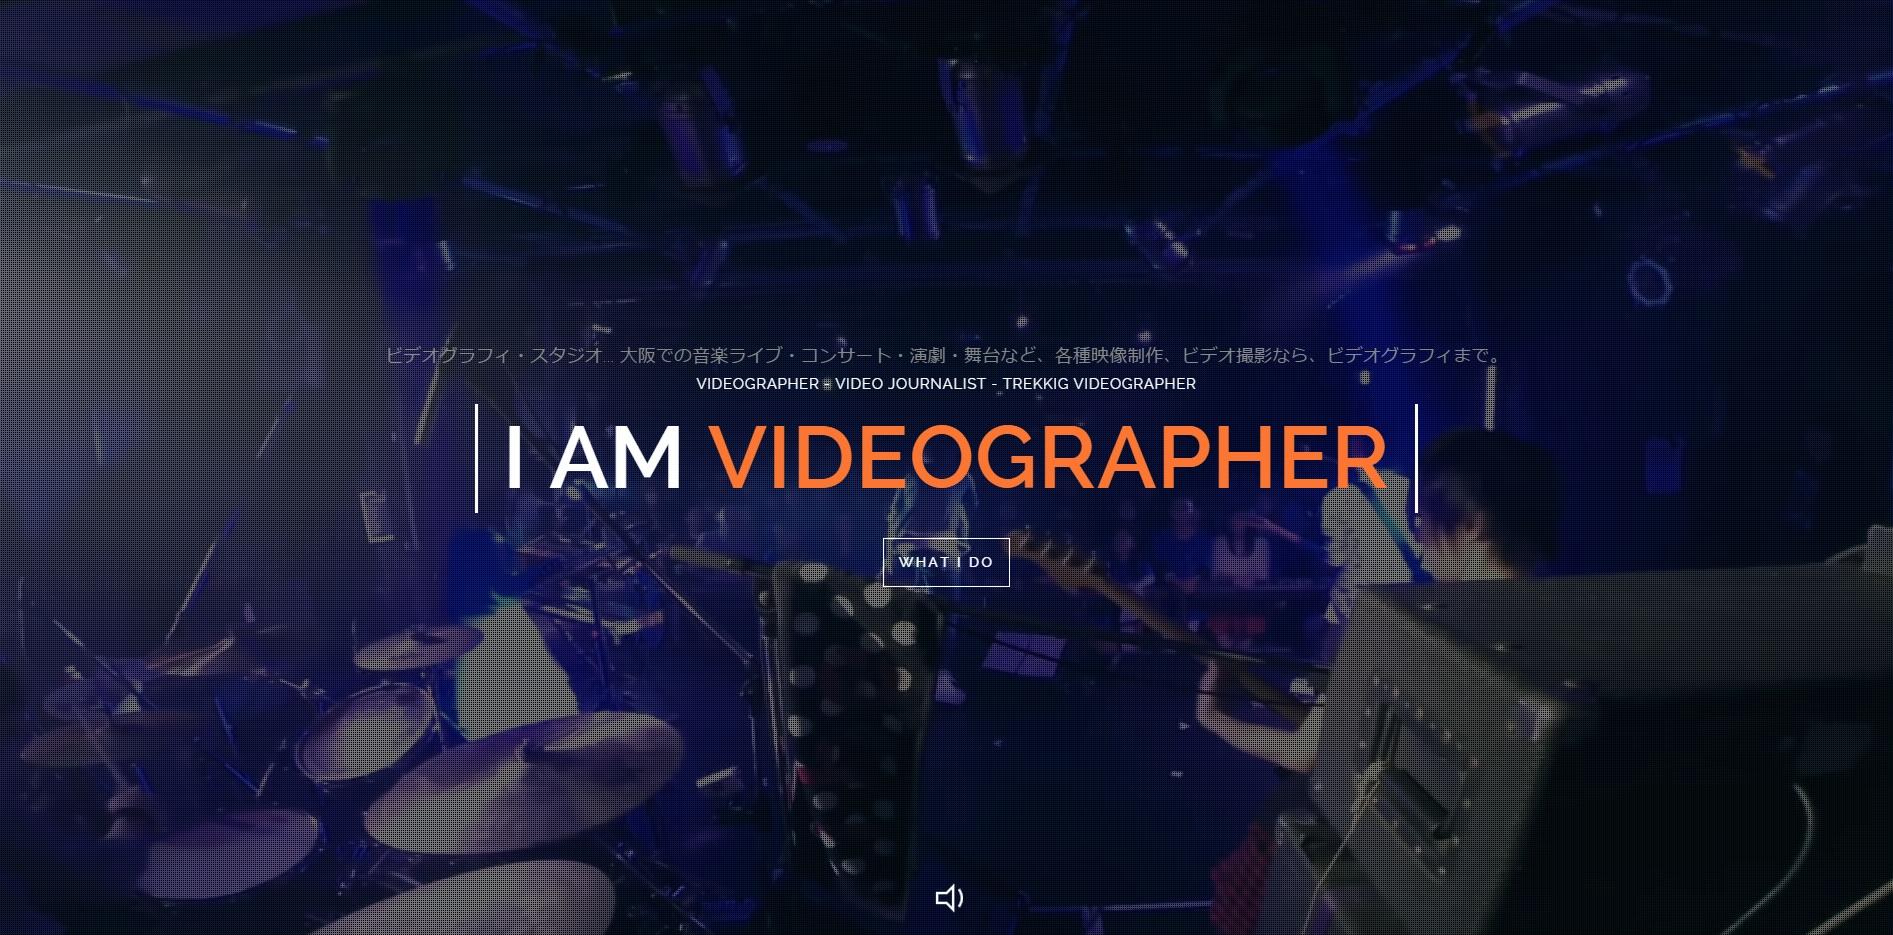 ビデオグラフィ・スタジオ - ライブ ダンス 演奏会のビデオ撮影/映像制作専門サイト